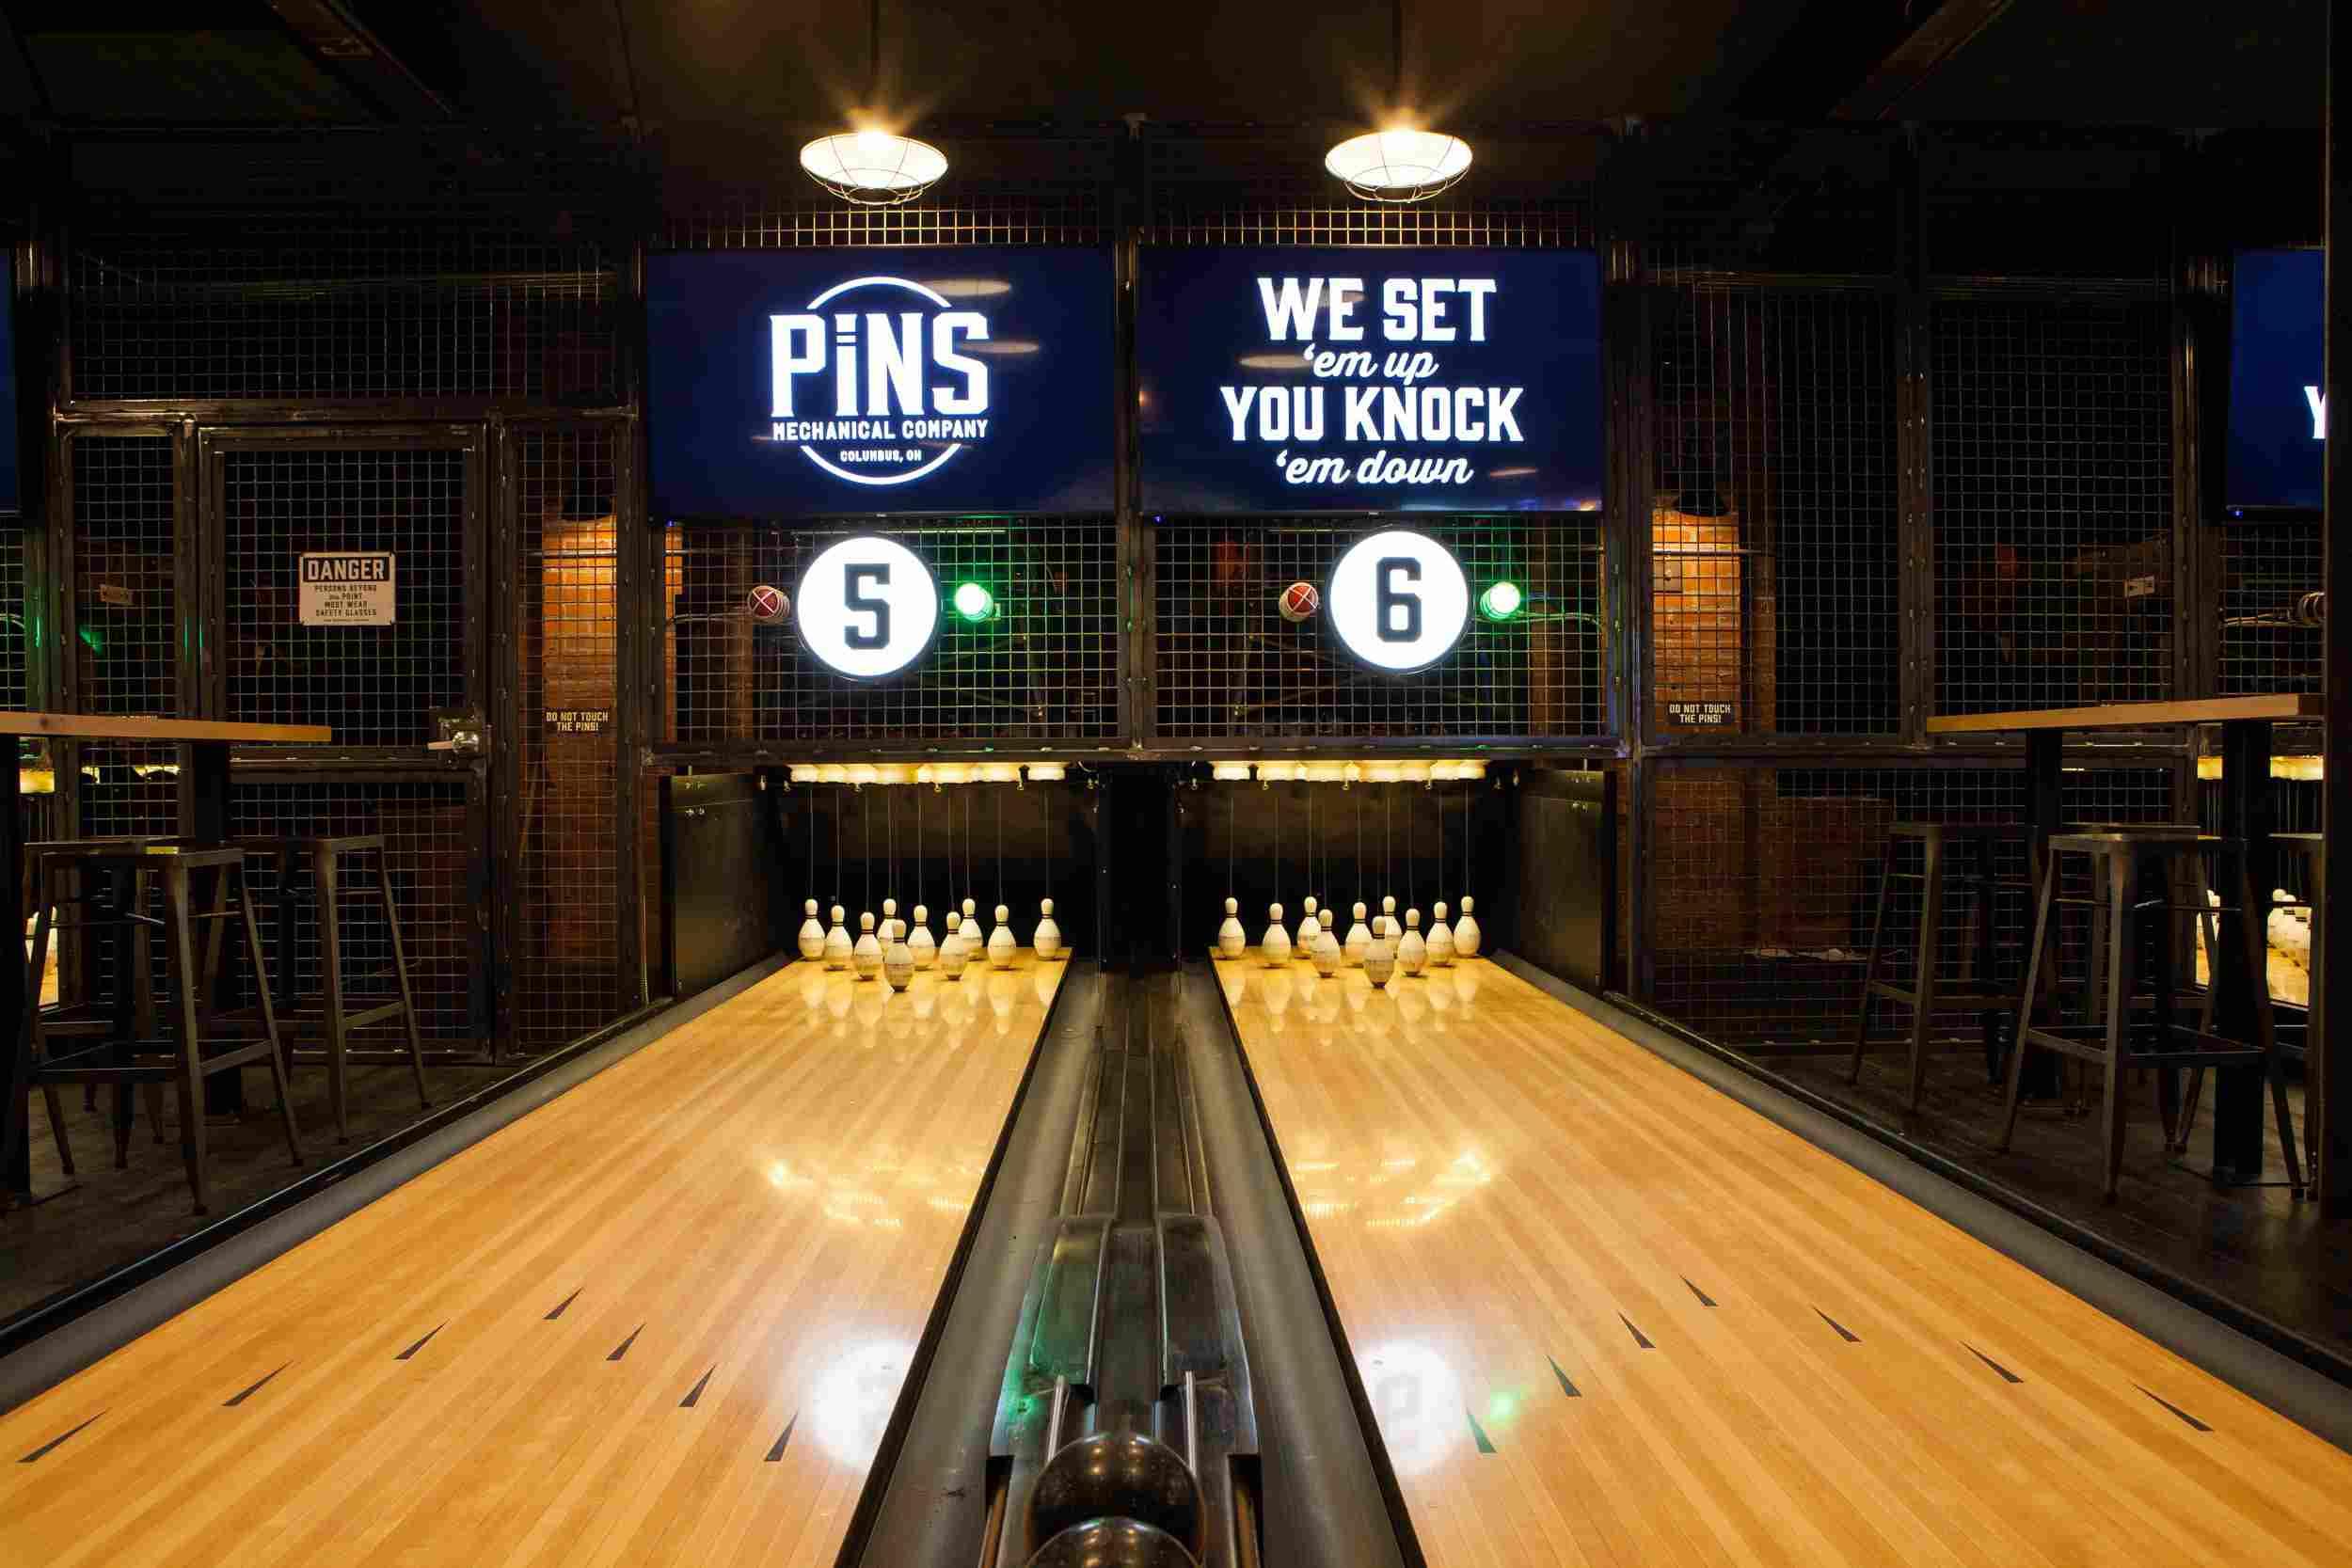 Duckpin Bowling at Pins Mechanical Company